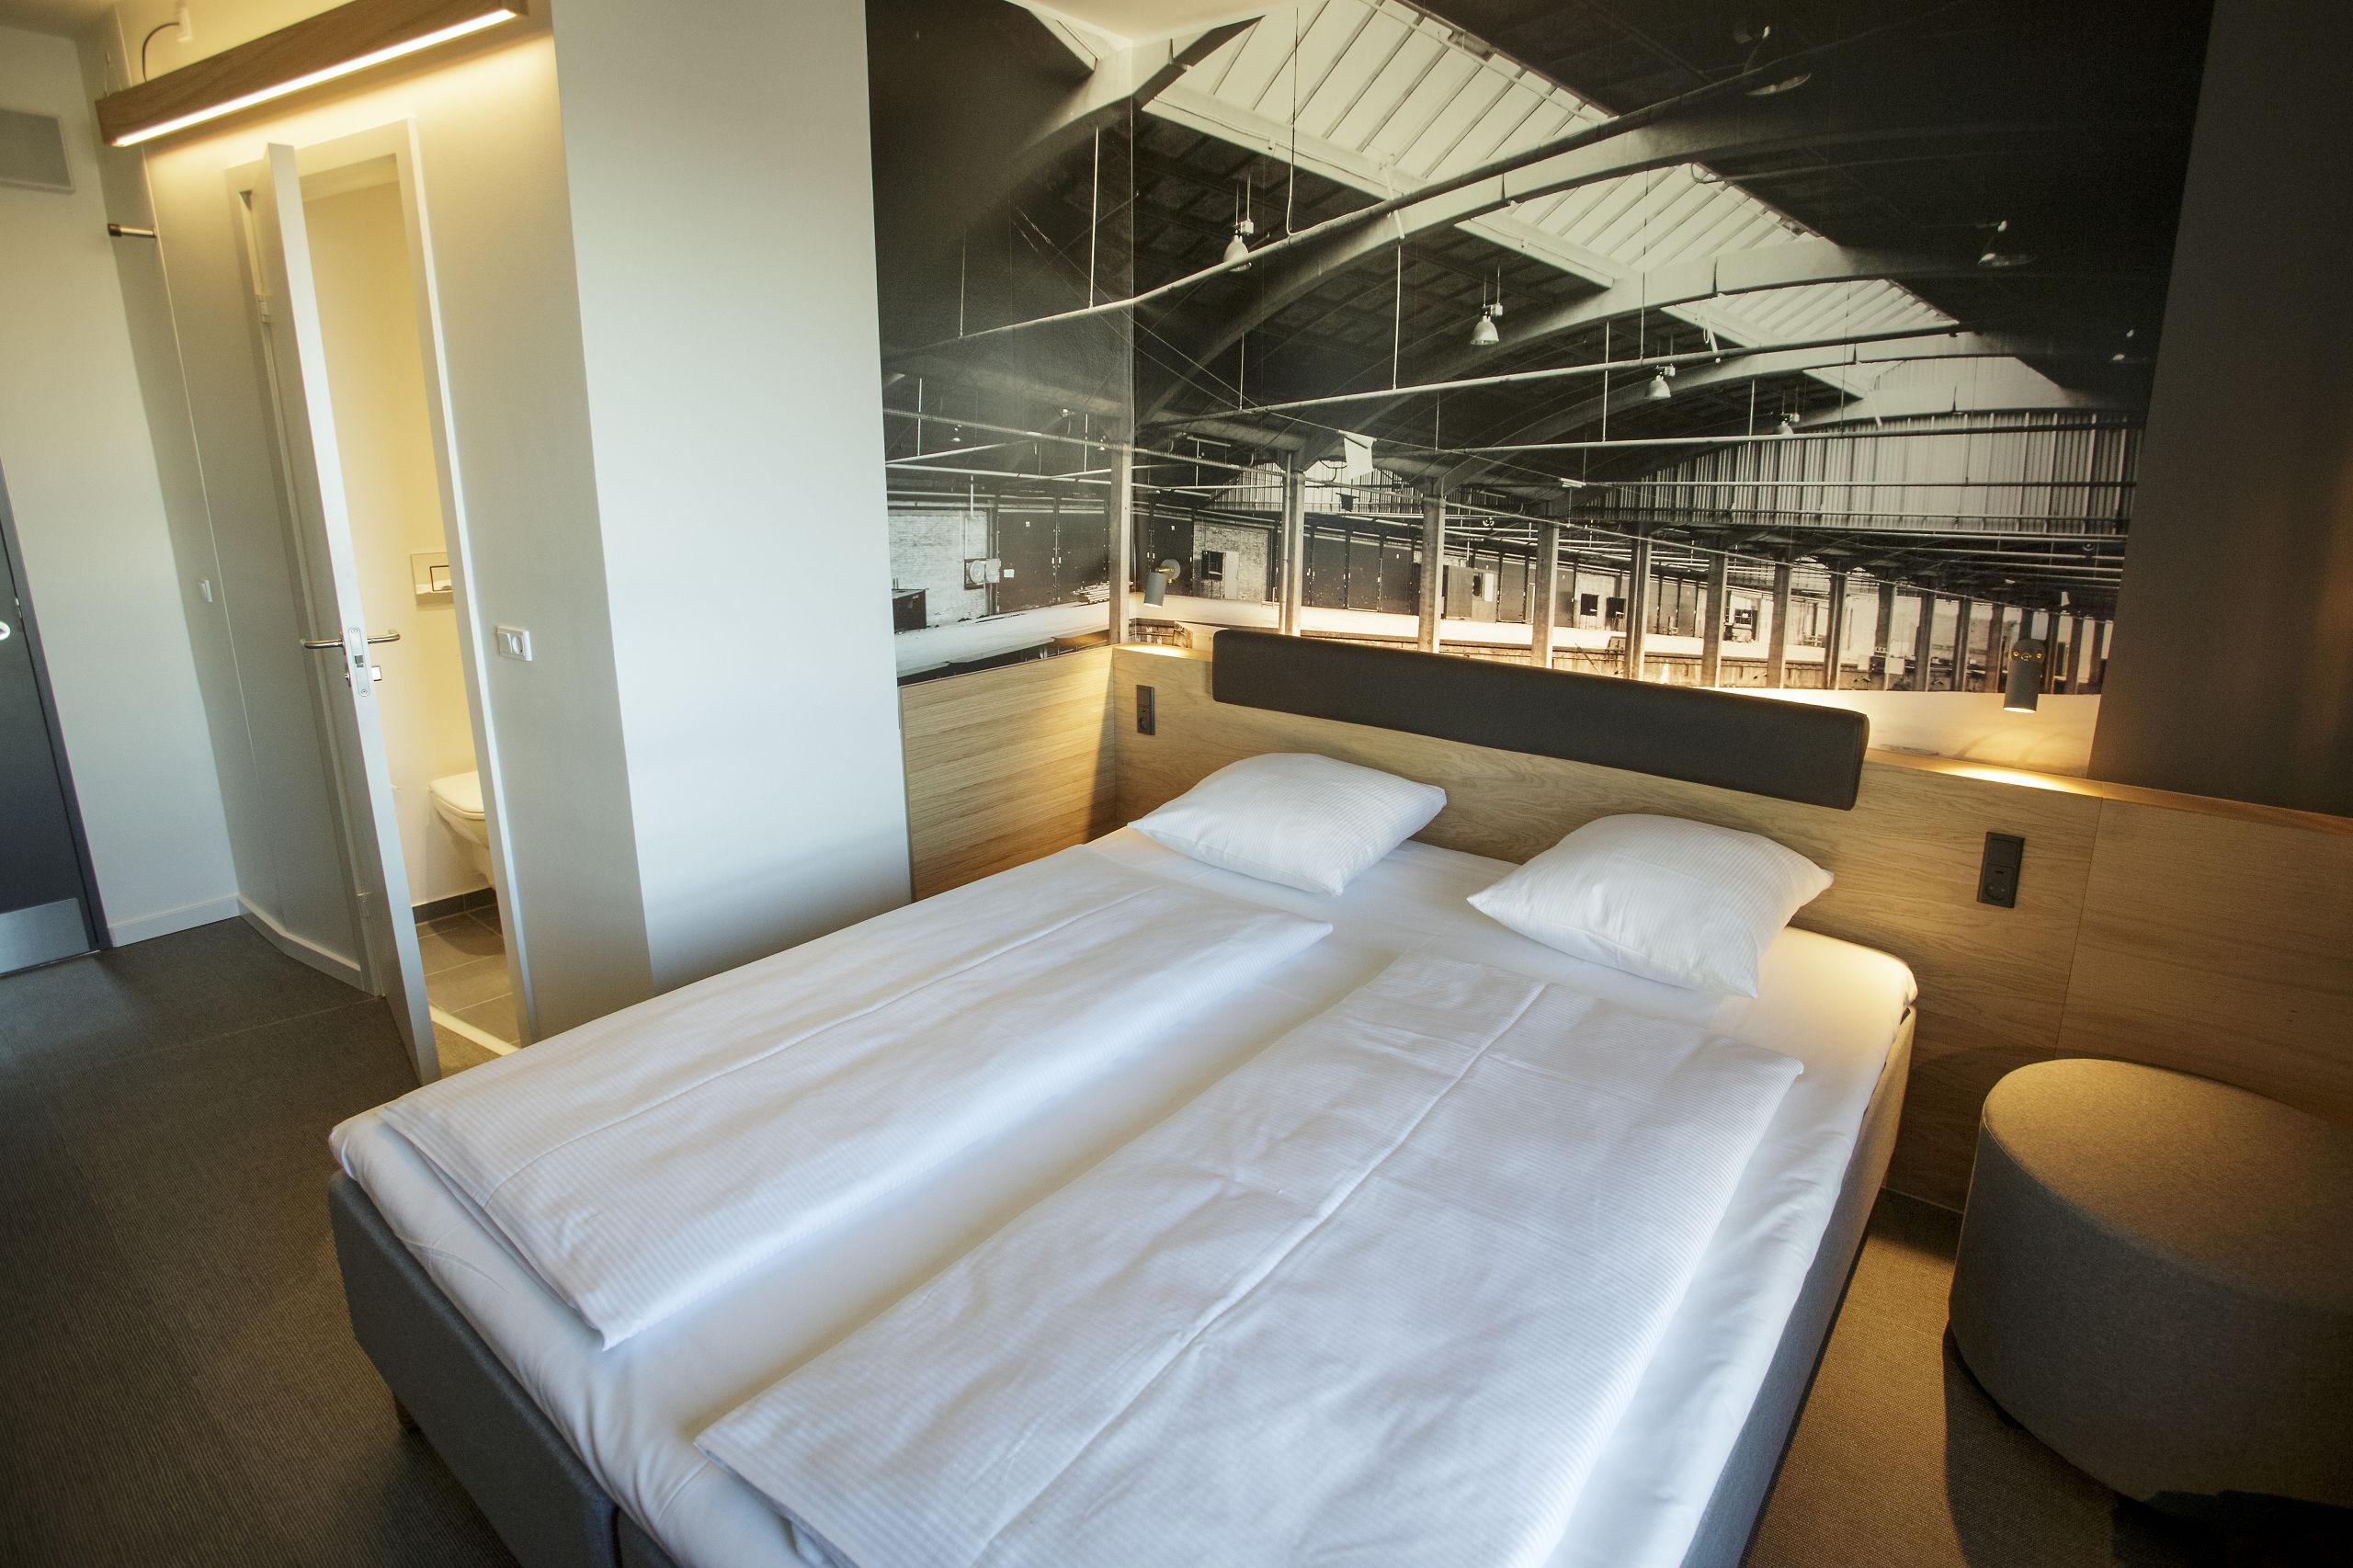 Hotellet har 126 værelser, de er fordelt på syv etager. Foto: Martel Andersen